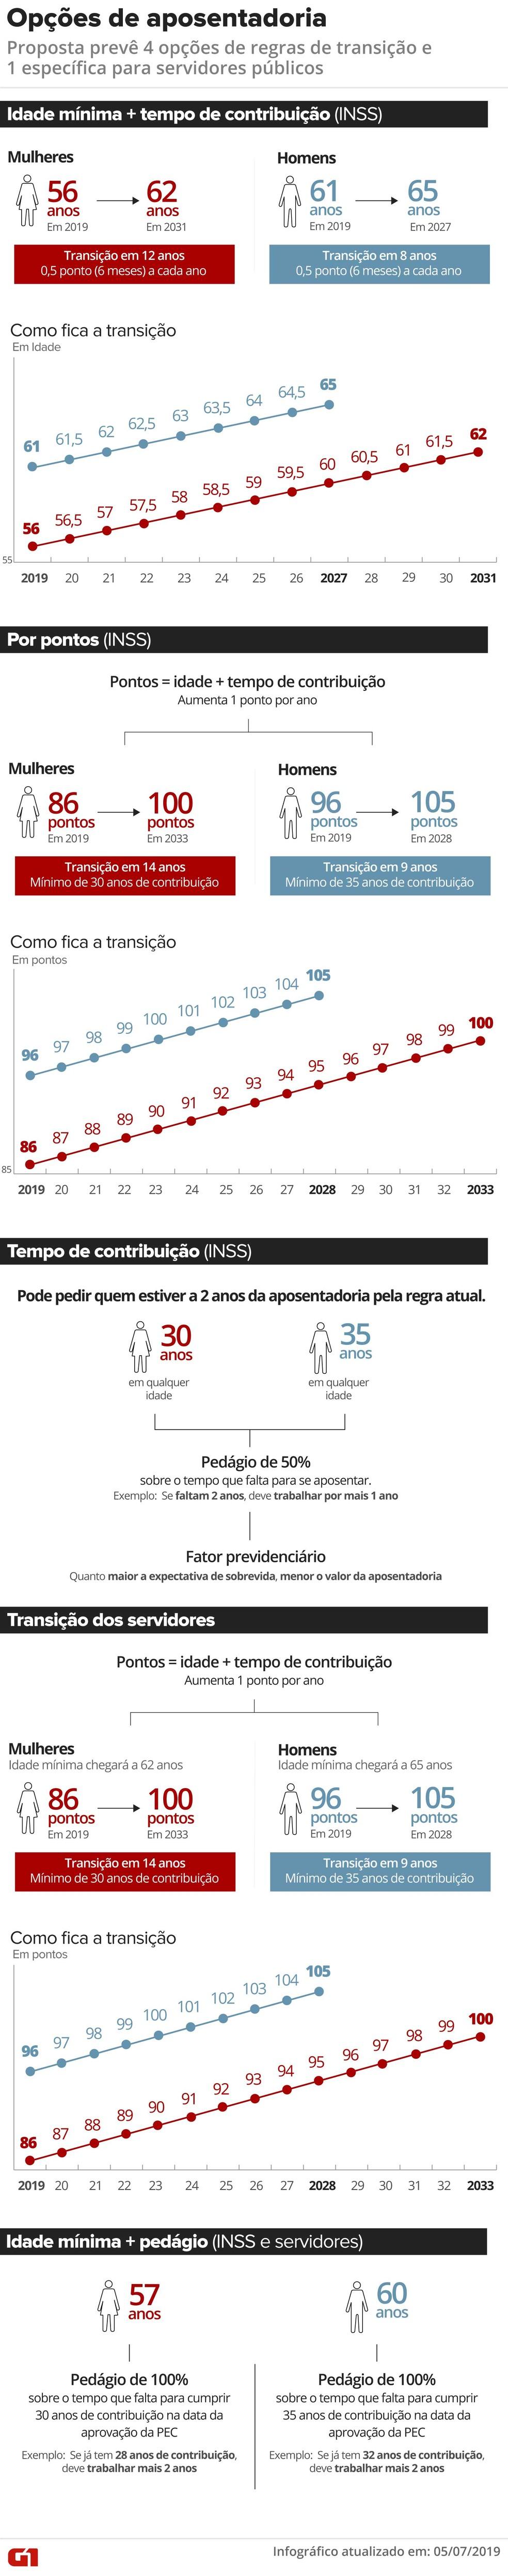 Regras de transição pela proposta de reforma da Previdência — Foto: Infografia: Rodrigo Sanches/G1